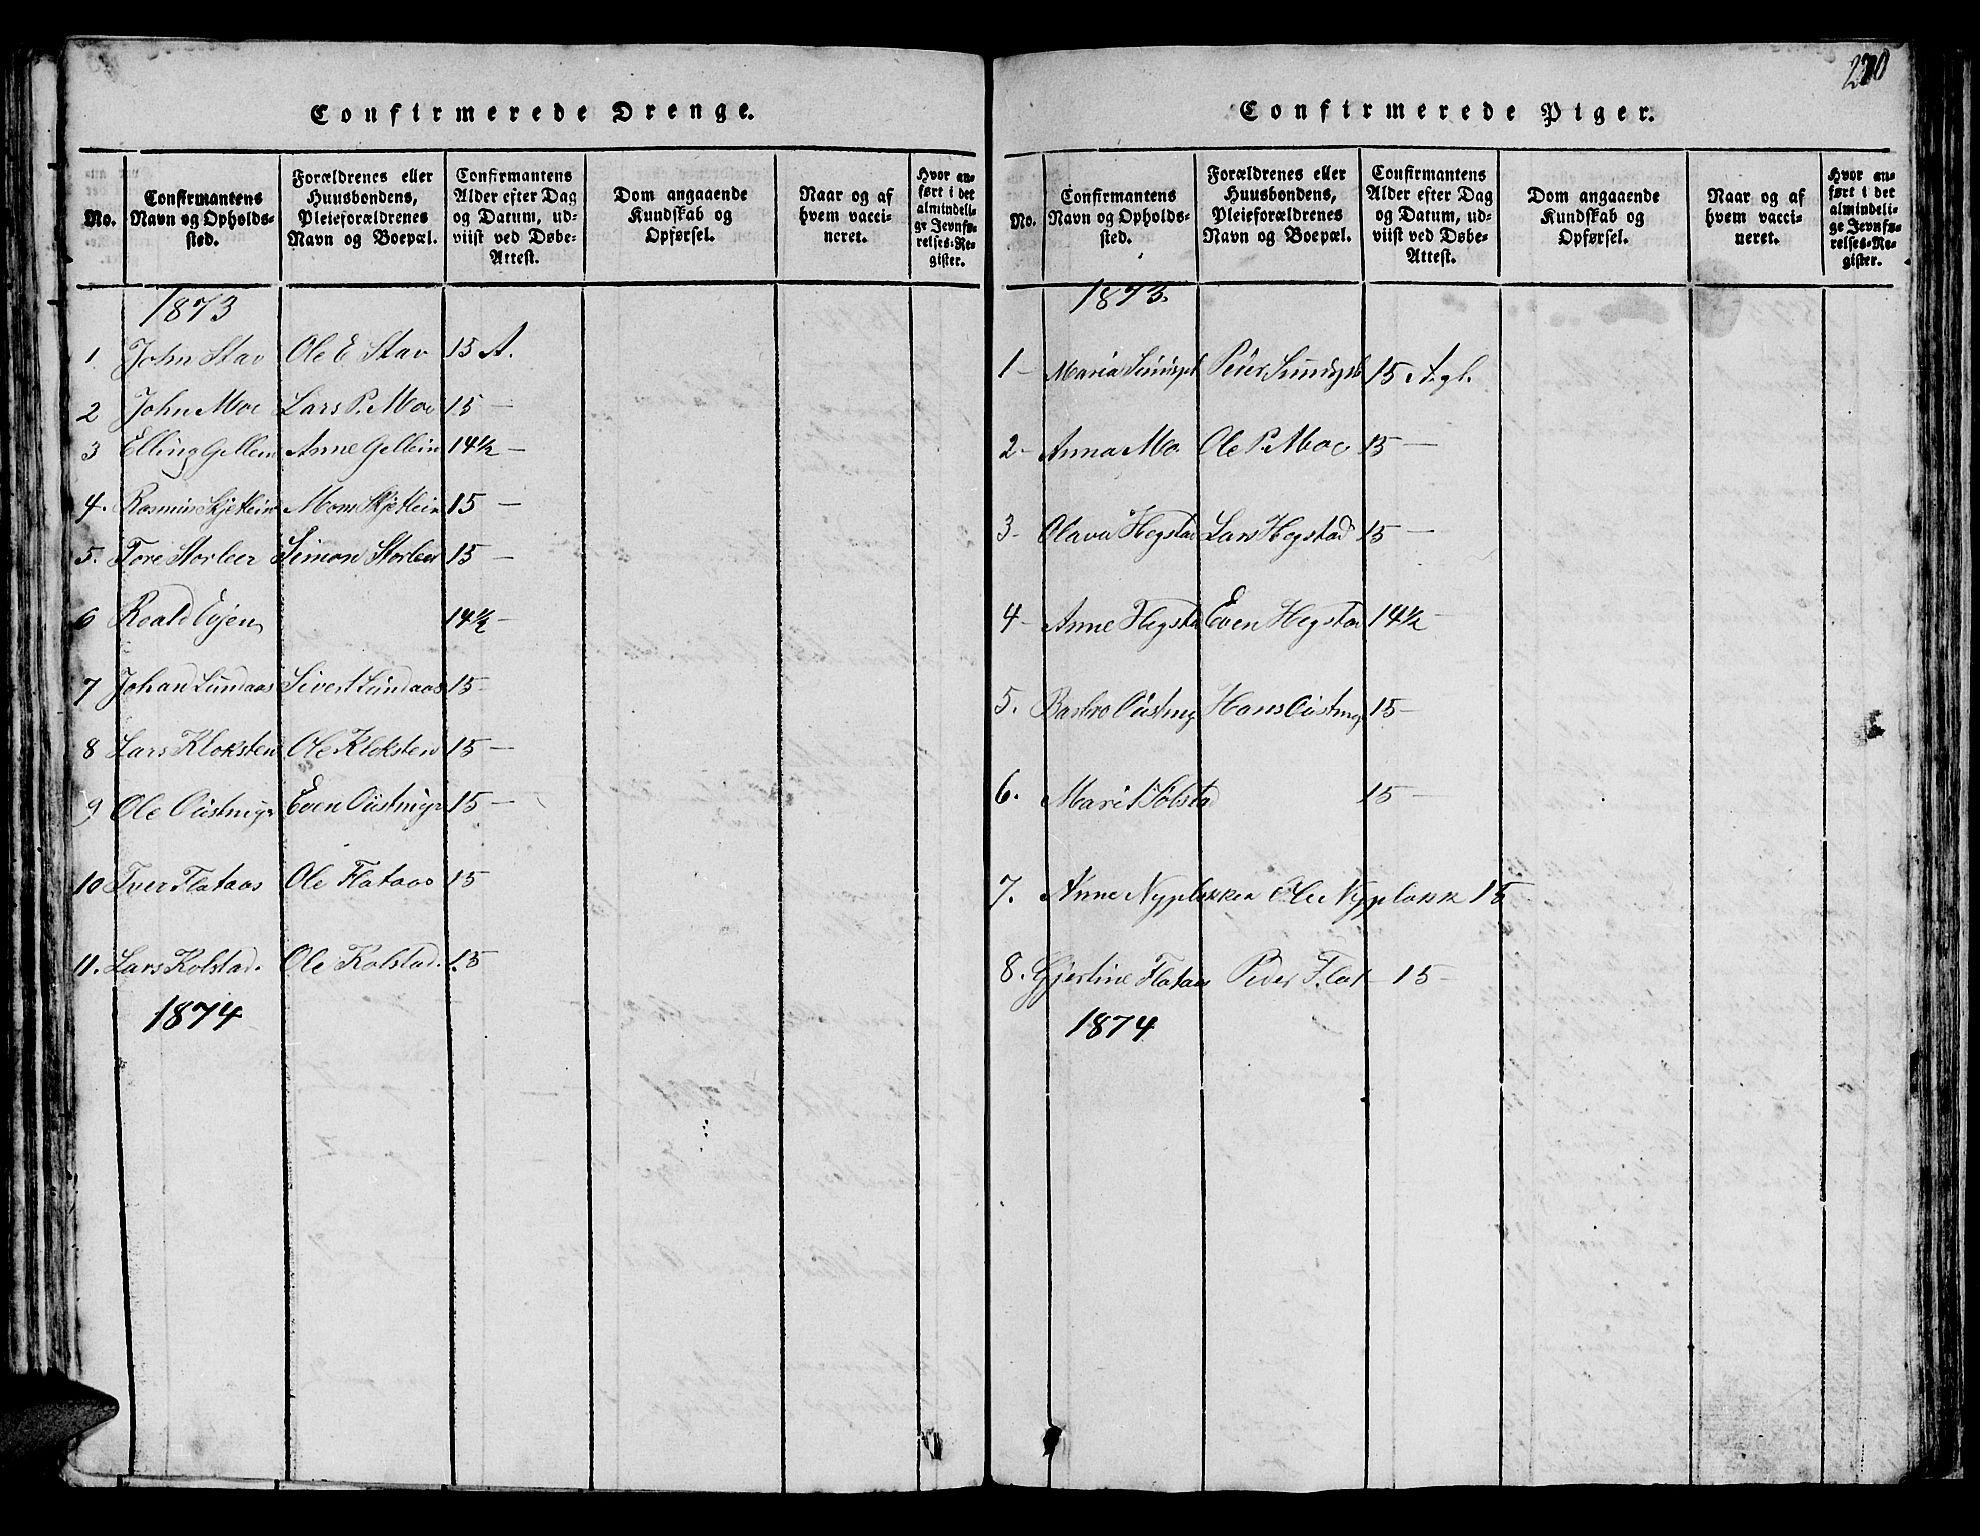 SAT, Ministerialprotokoller, klokkerbøker og fødselsregistre - Sør-Trøndelag, 613/L0393: Klokkerbok nr. 613C01, 1816-1886, s. 270